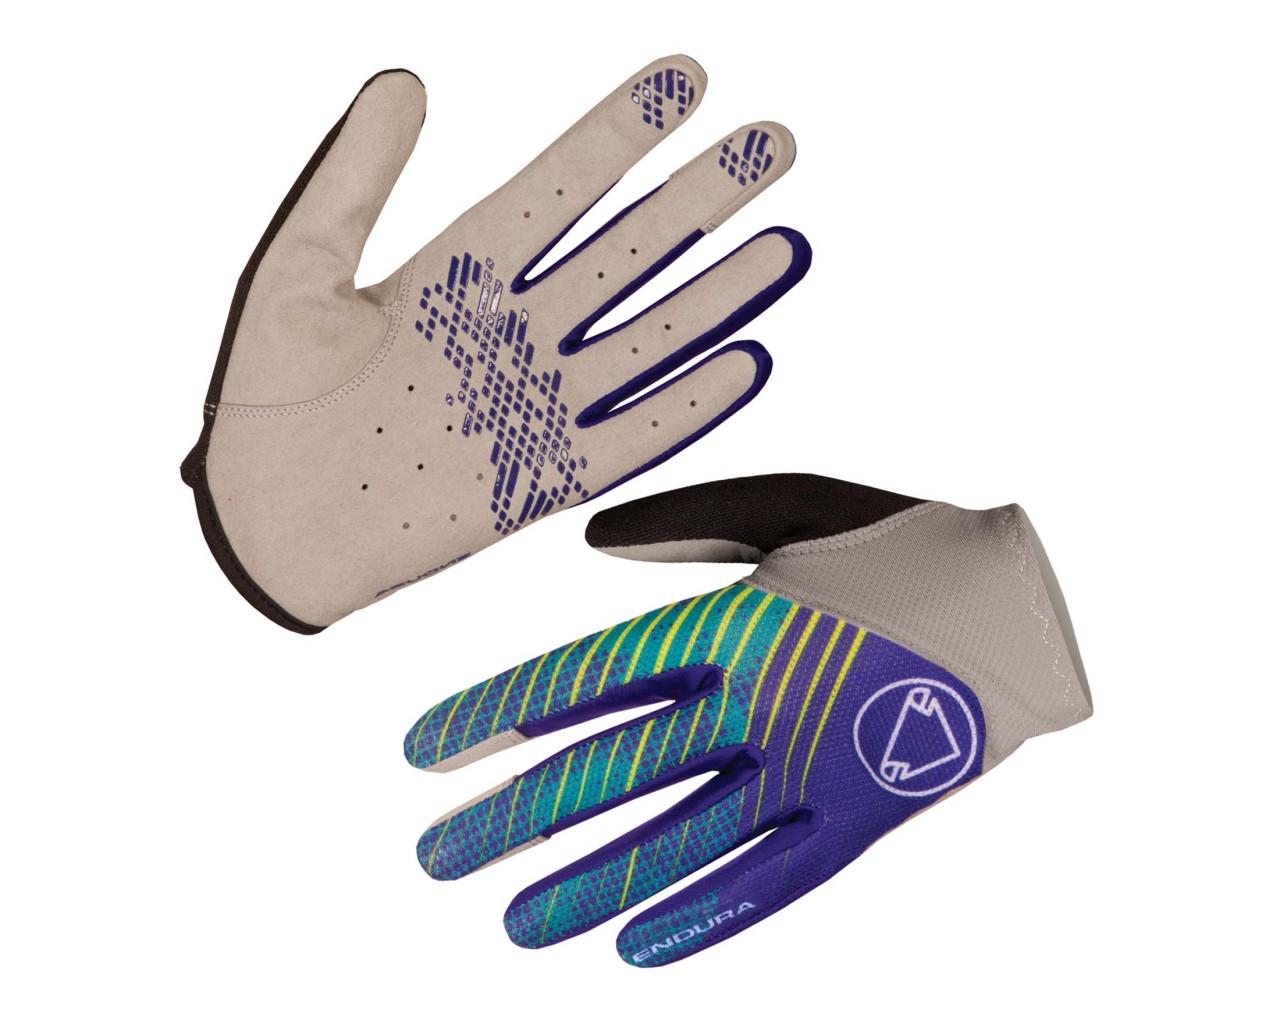 Endura Womens Hummvee Lite Glove long fingers   cobalt blue